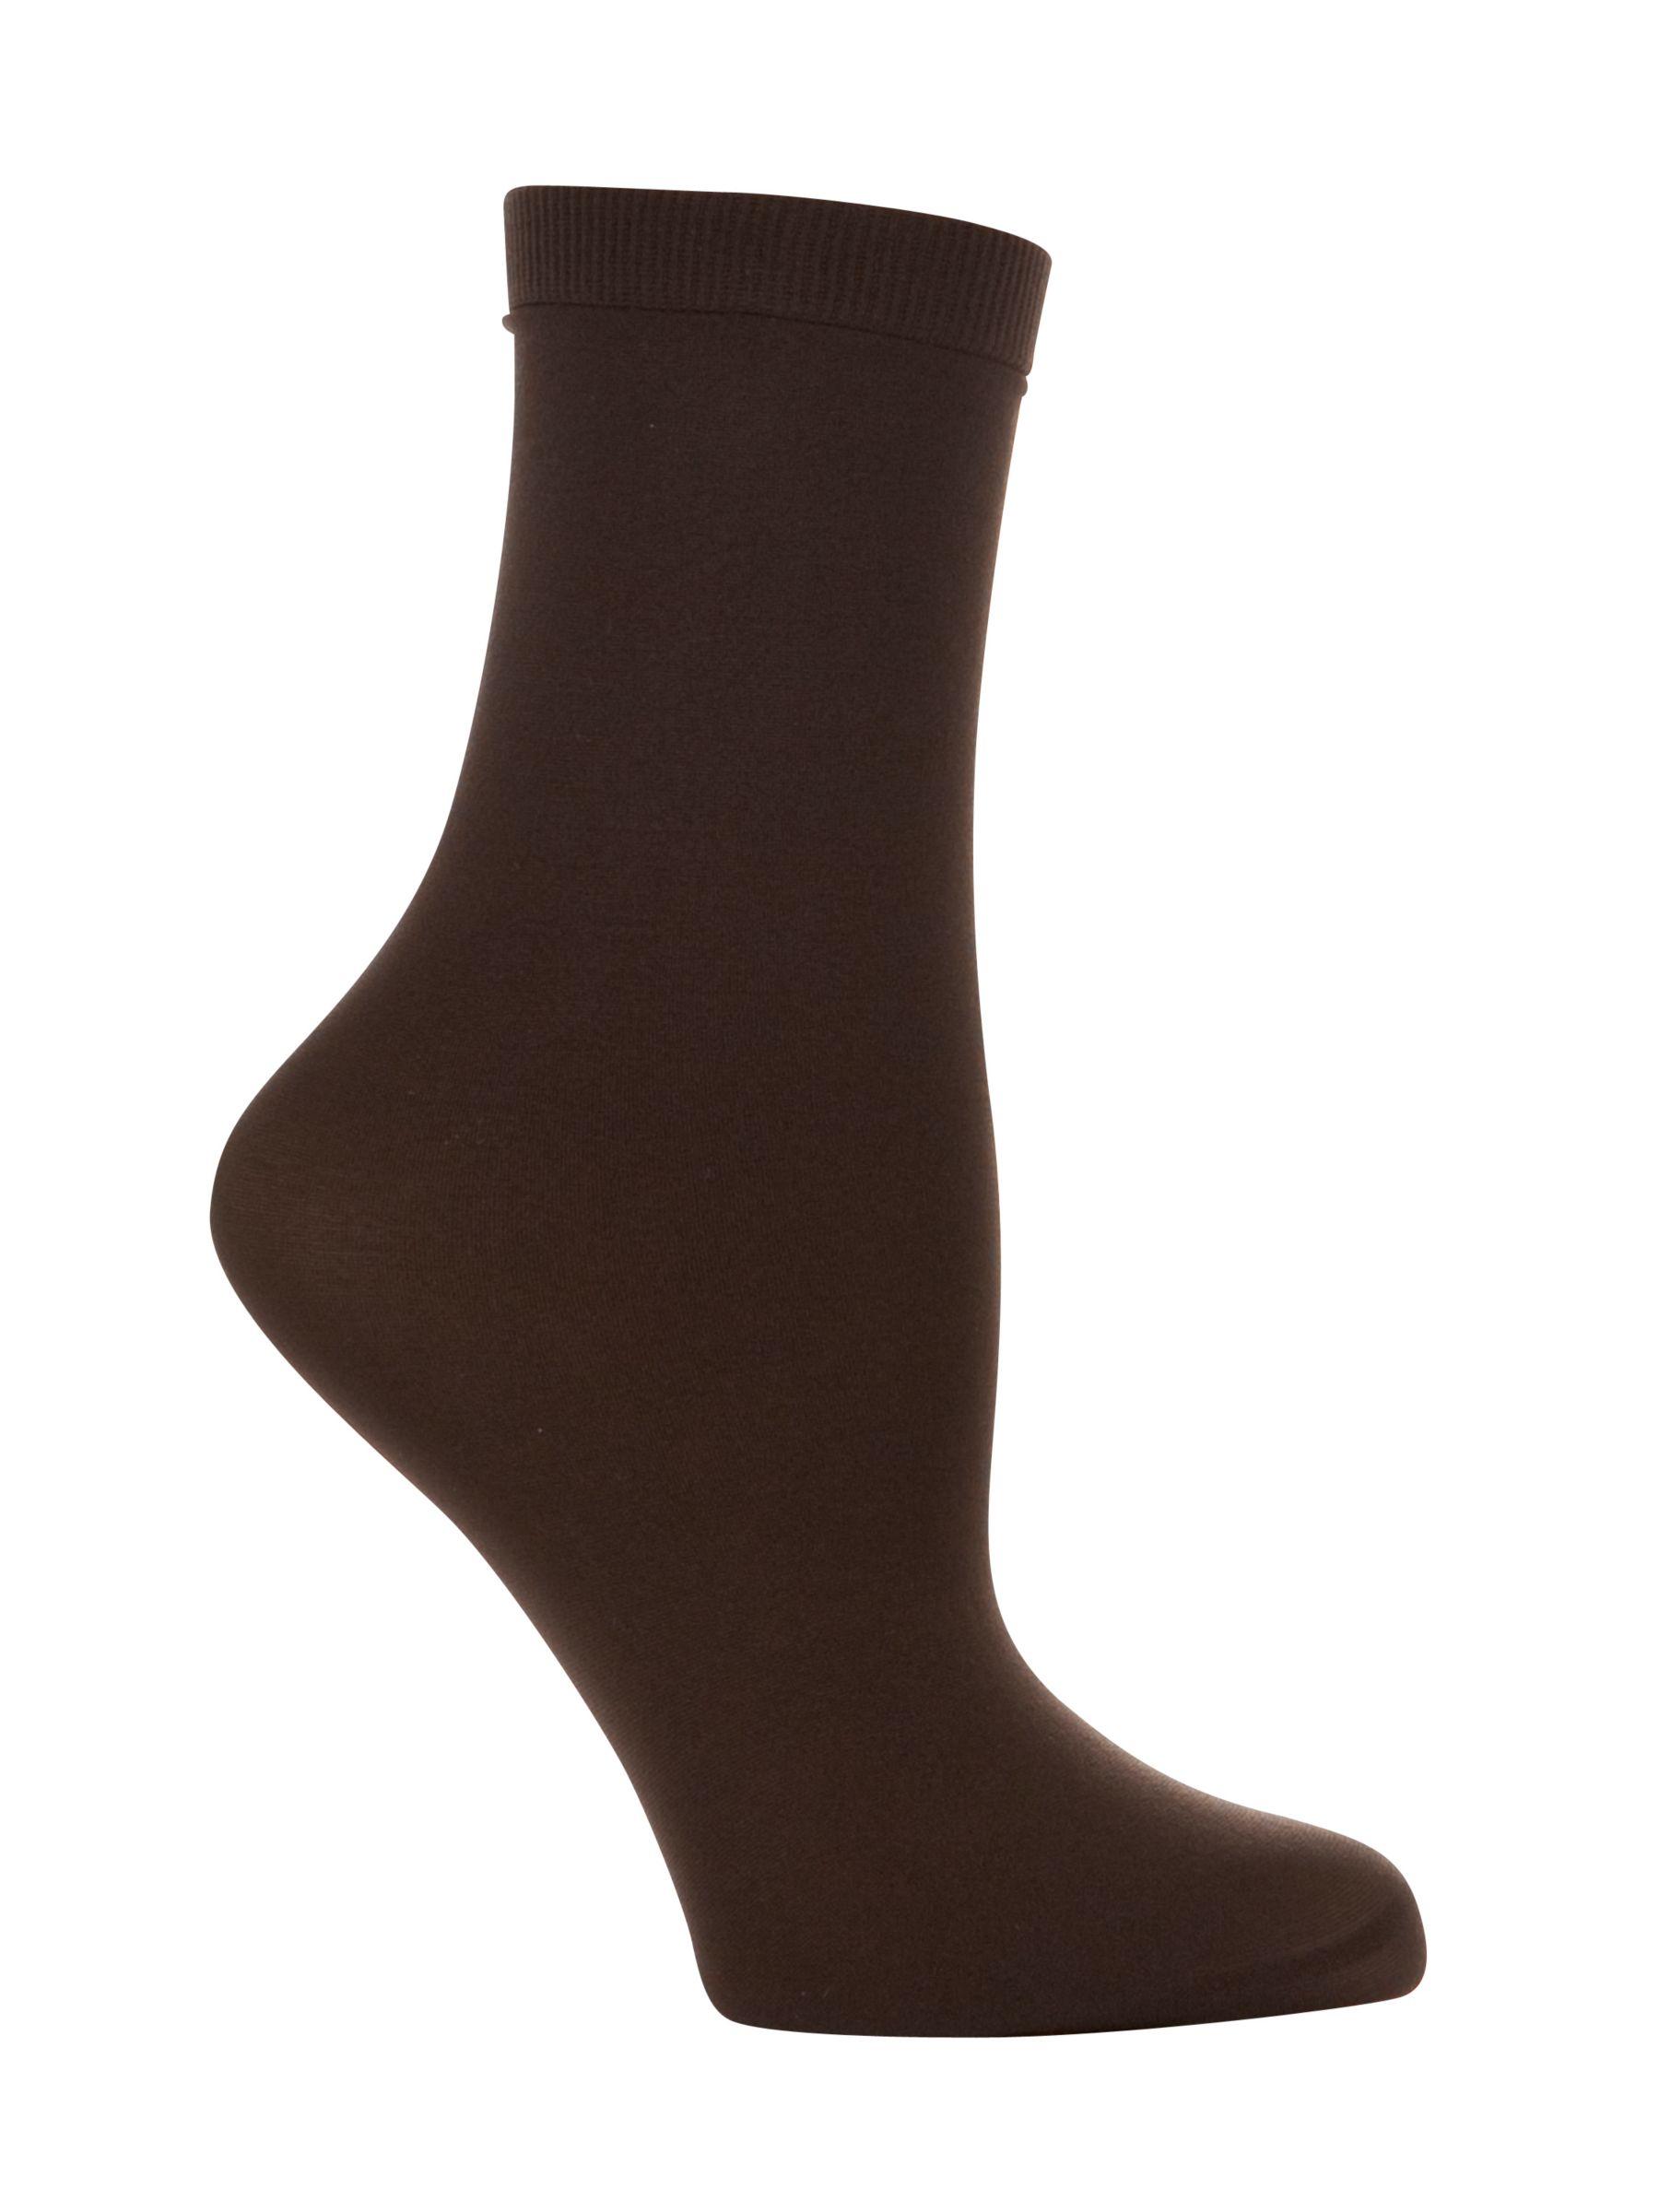 John Lewis 40 Denier Anklet Socks, Pack of 2, Bark